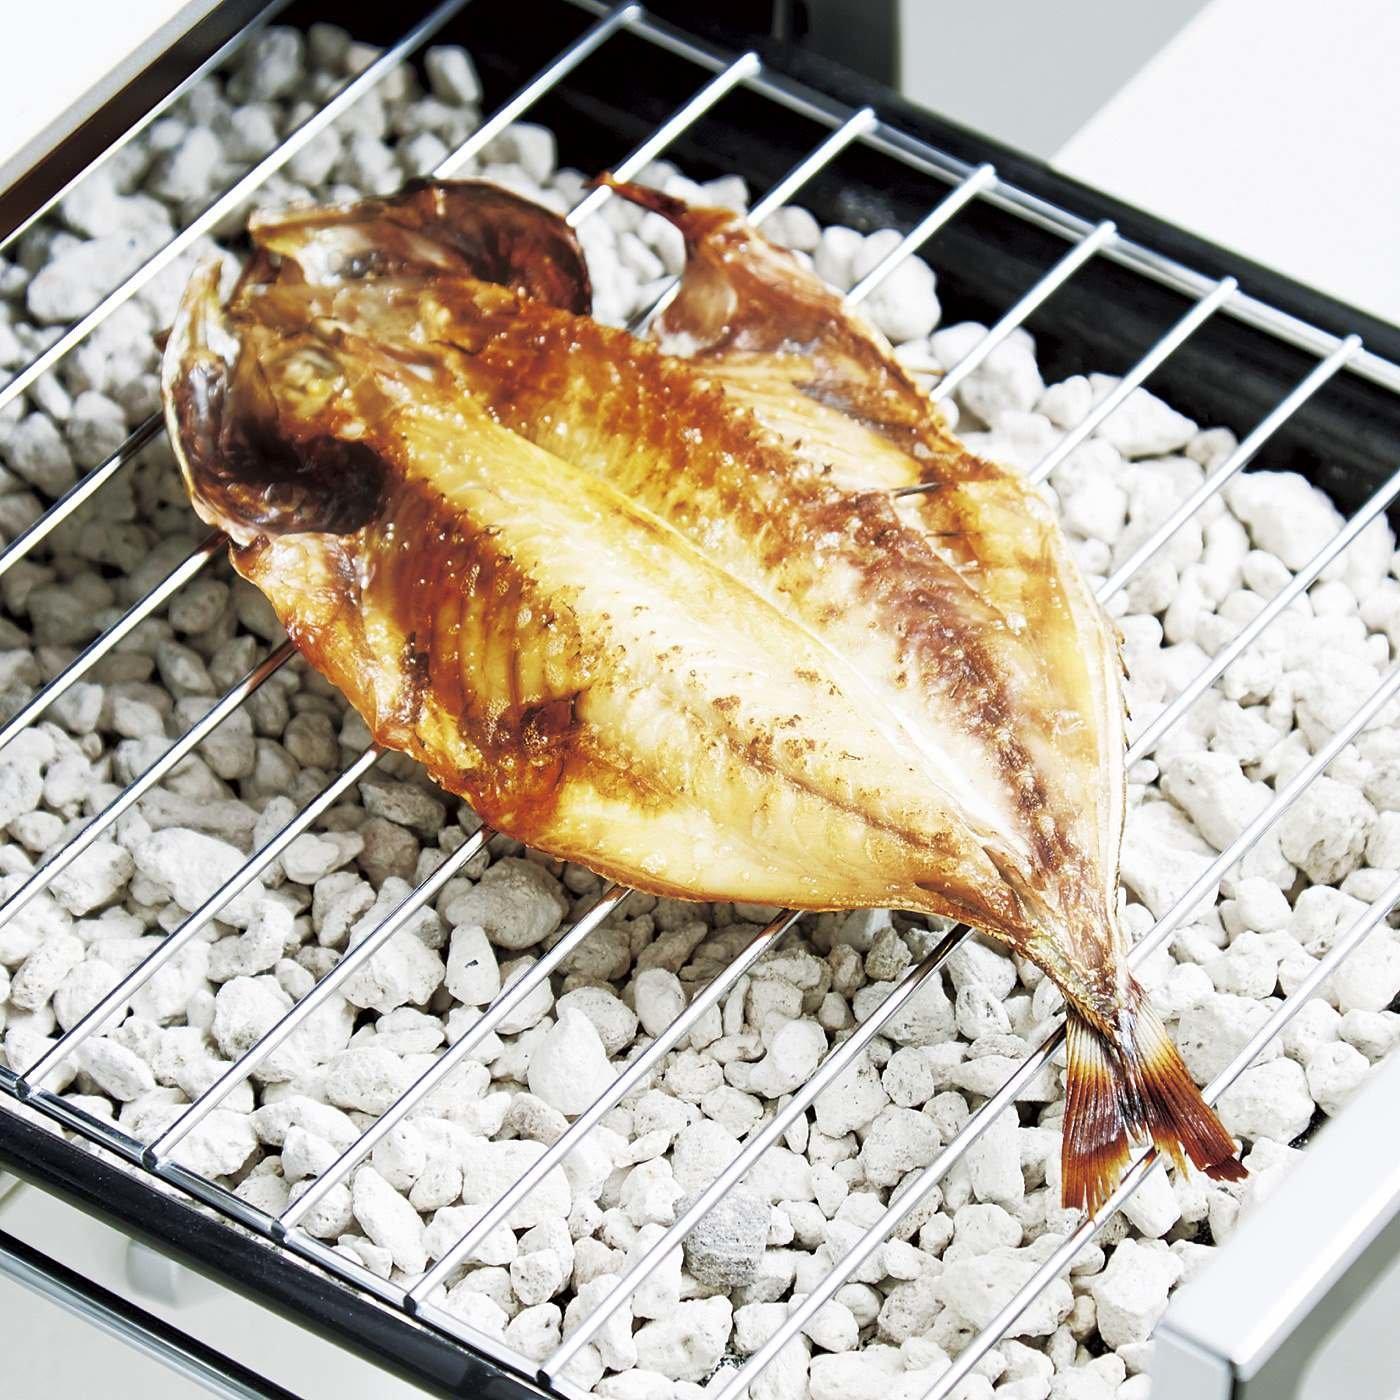 汚れもにおいも吸収 敷くだけ簡単 魚がおいしく焼ける石の会